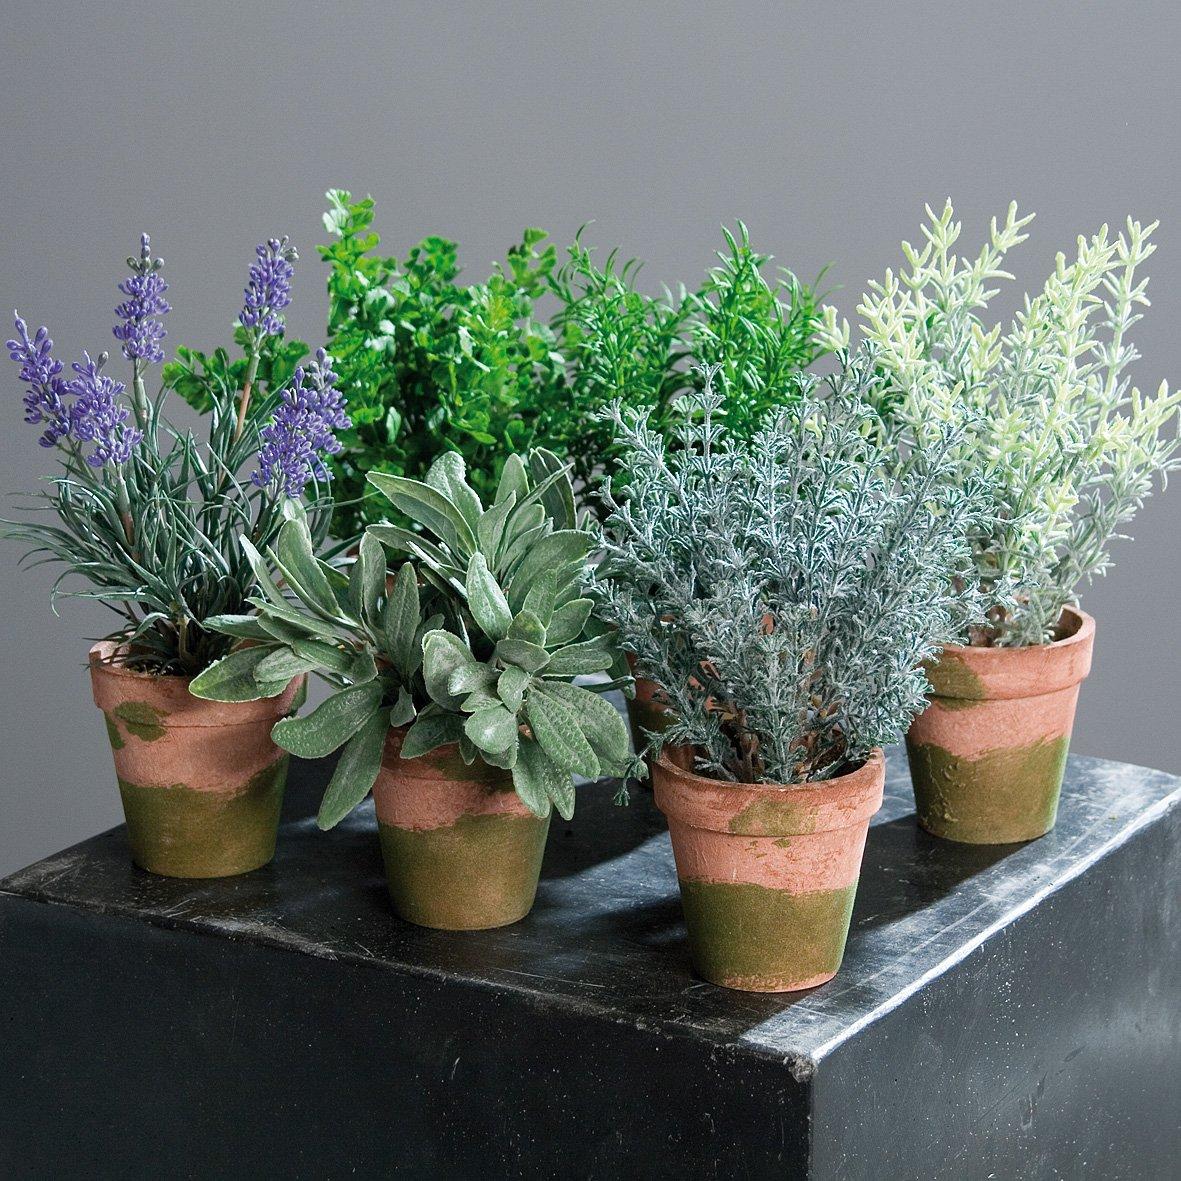 Kräutersortiment im Topf 6 Stück 18-20 cm sortiert Kunstpflanzen von DPI